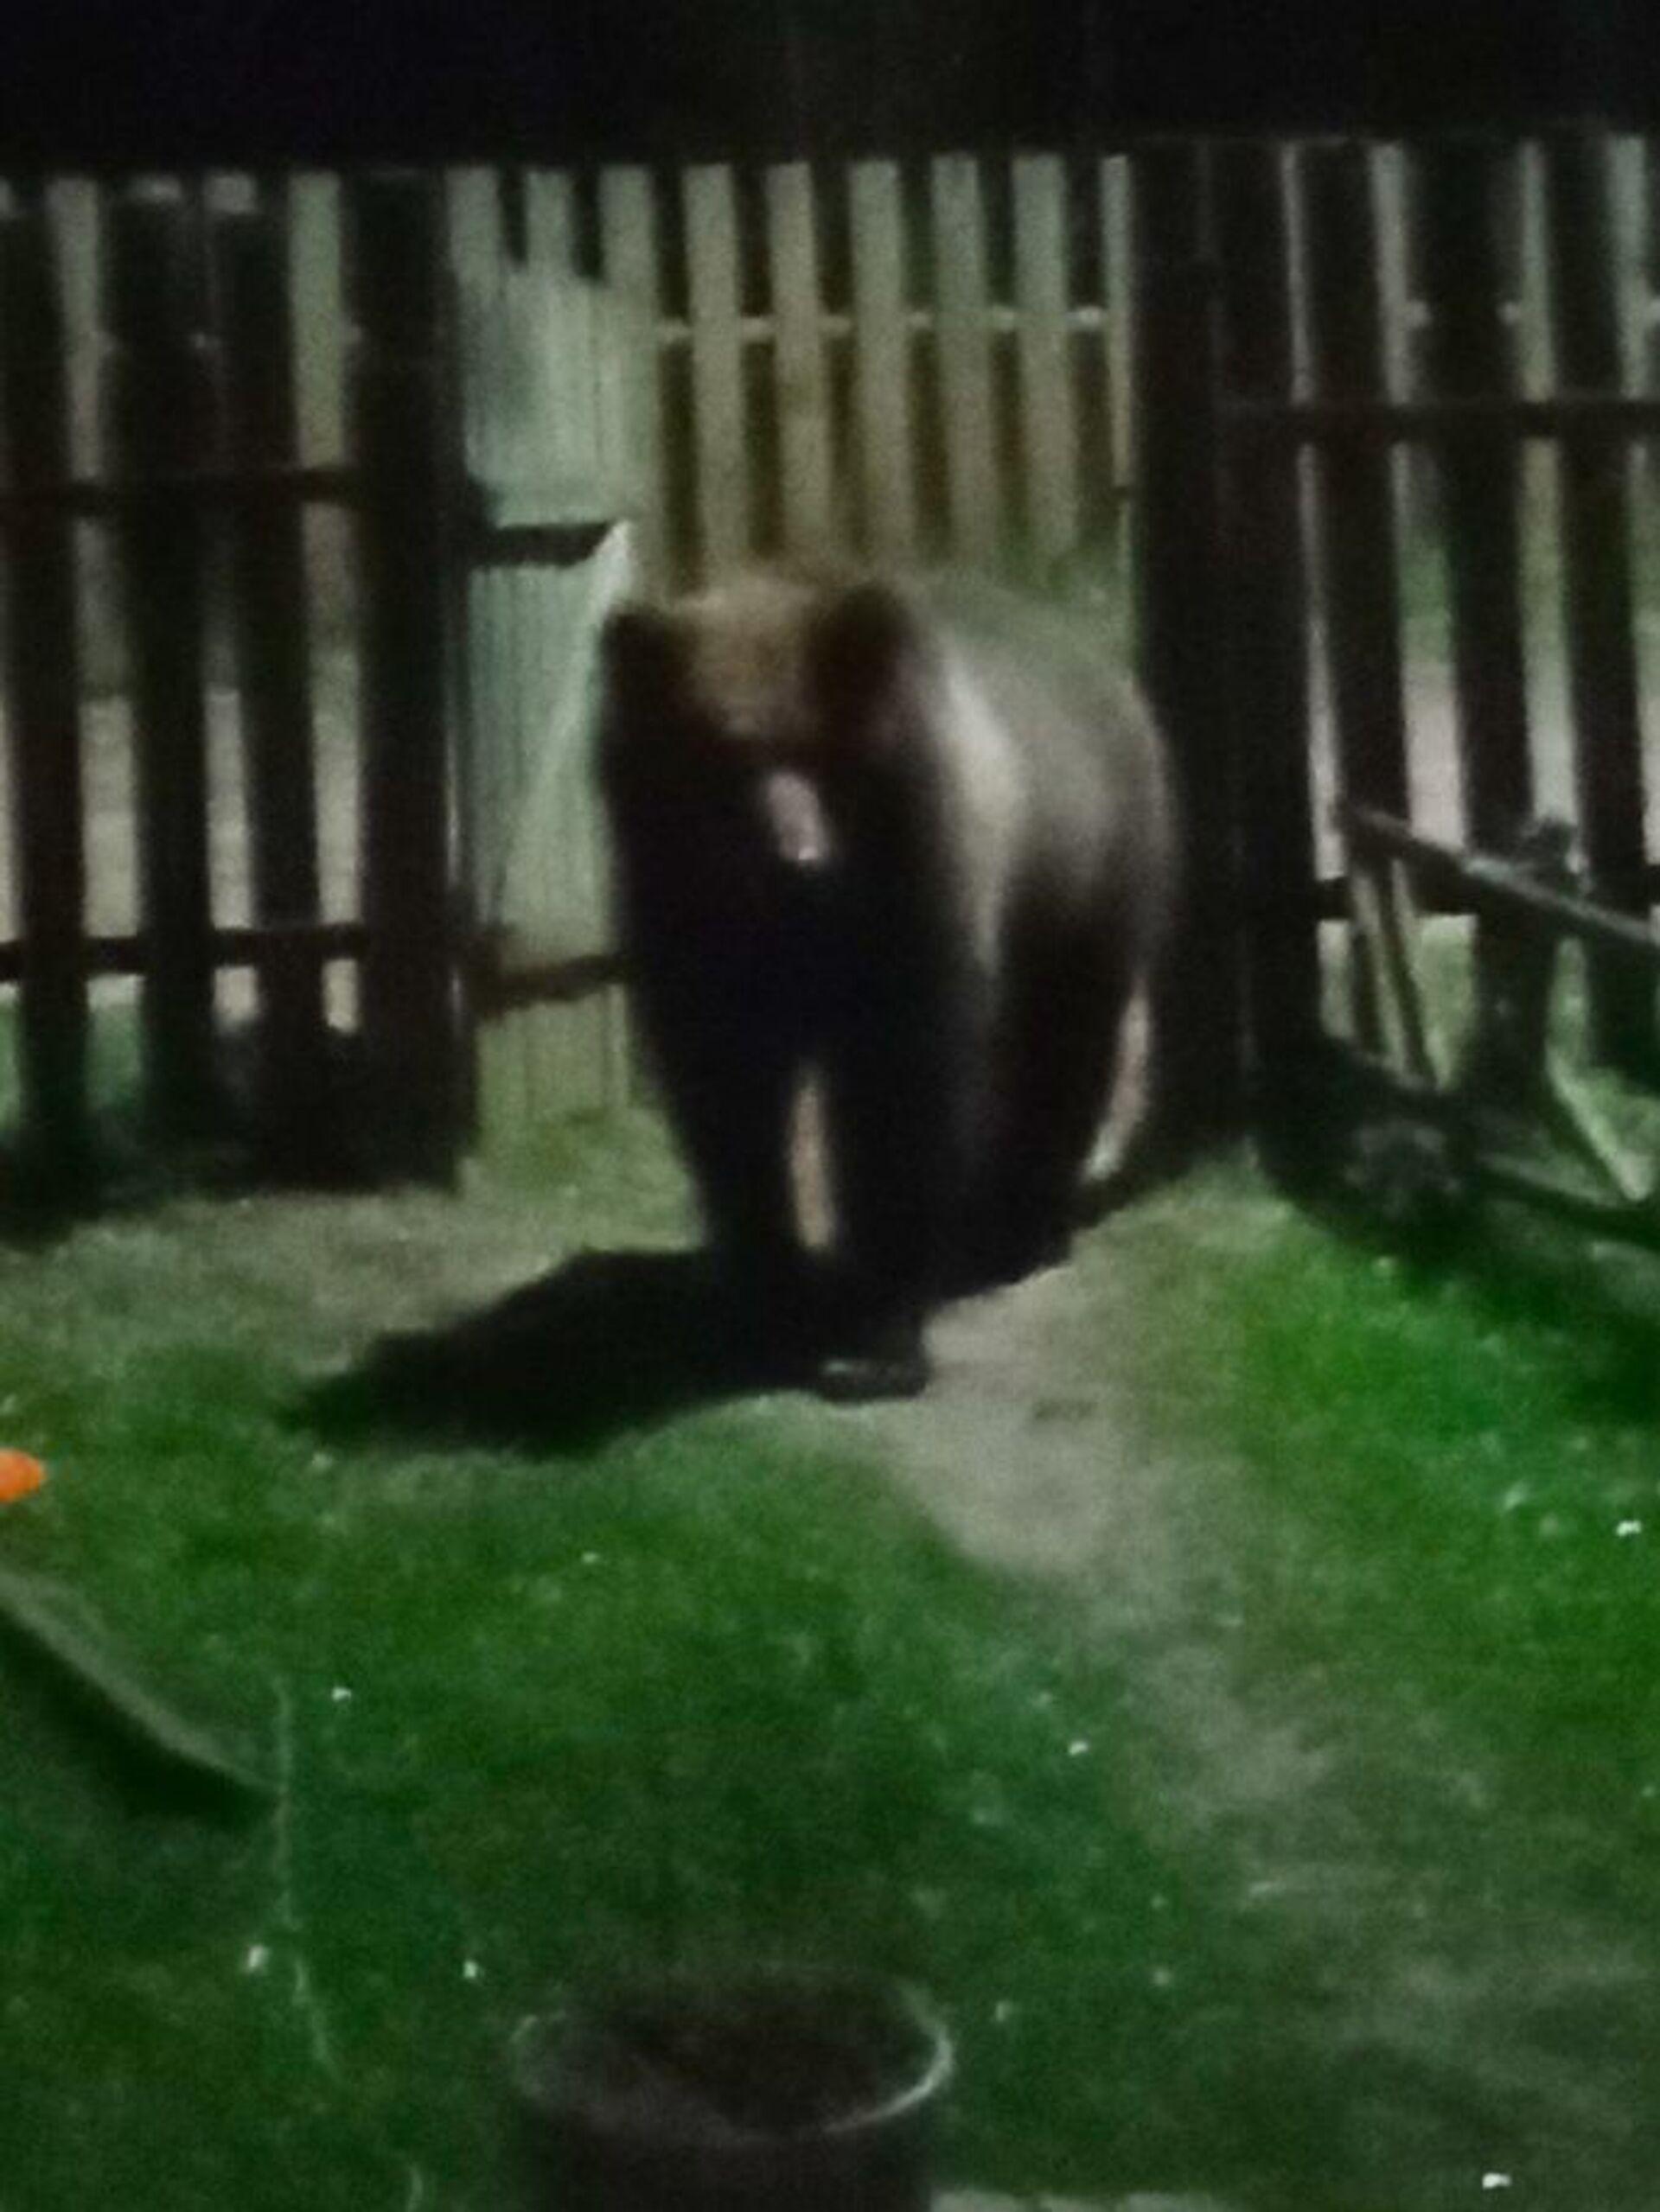 Тот самый медведь, который наводит страх на местных жителей - Sputnik Беларусь, 1920, 29.06.2021